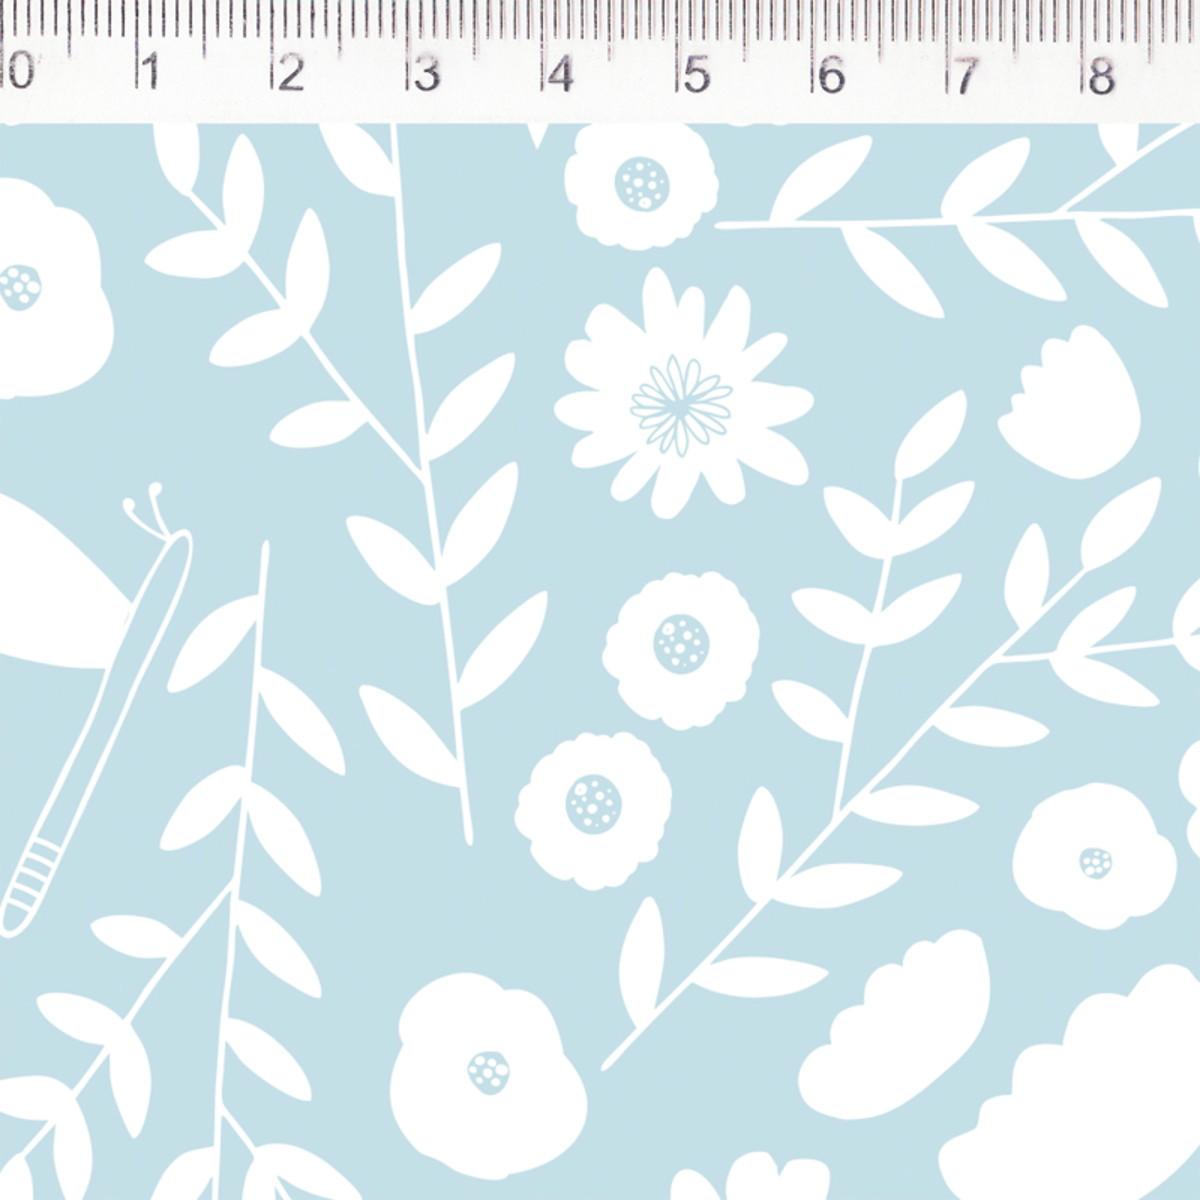 FERNANDO MALUHY - Floral Fundo Azul Coleção Pequeno Quintal - 25cmX150cm - Tecido Tricoline